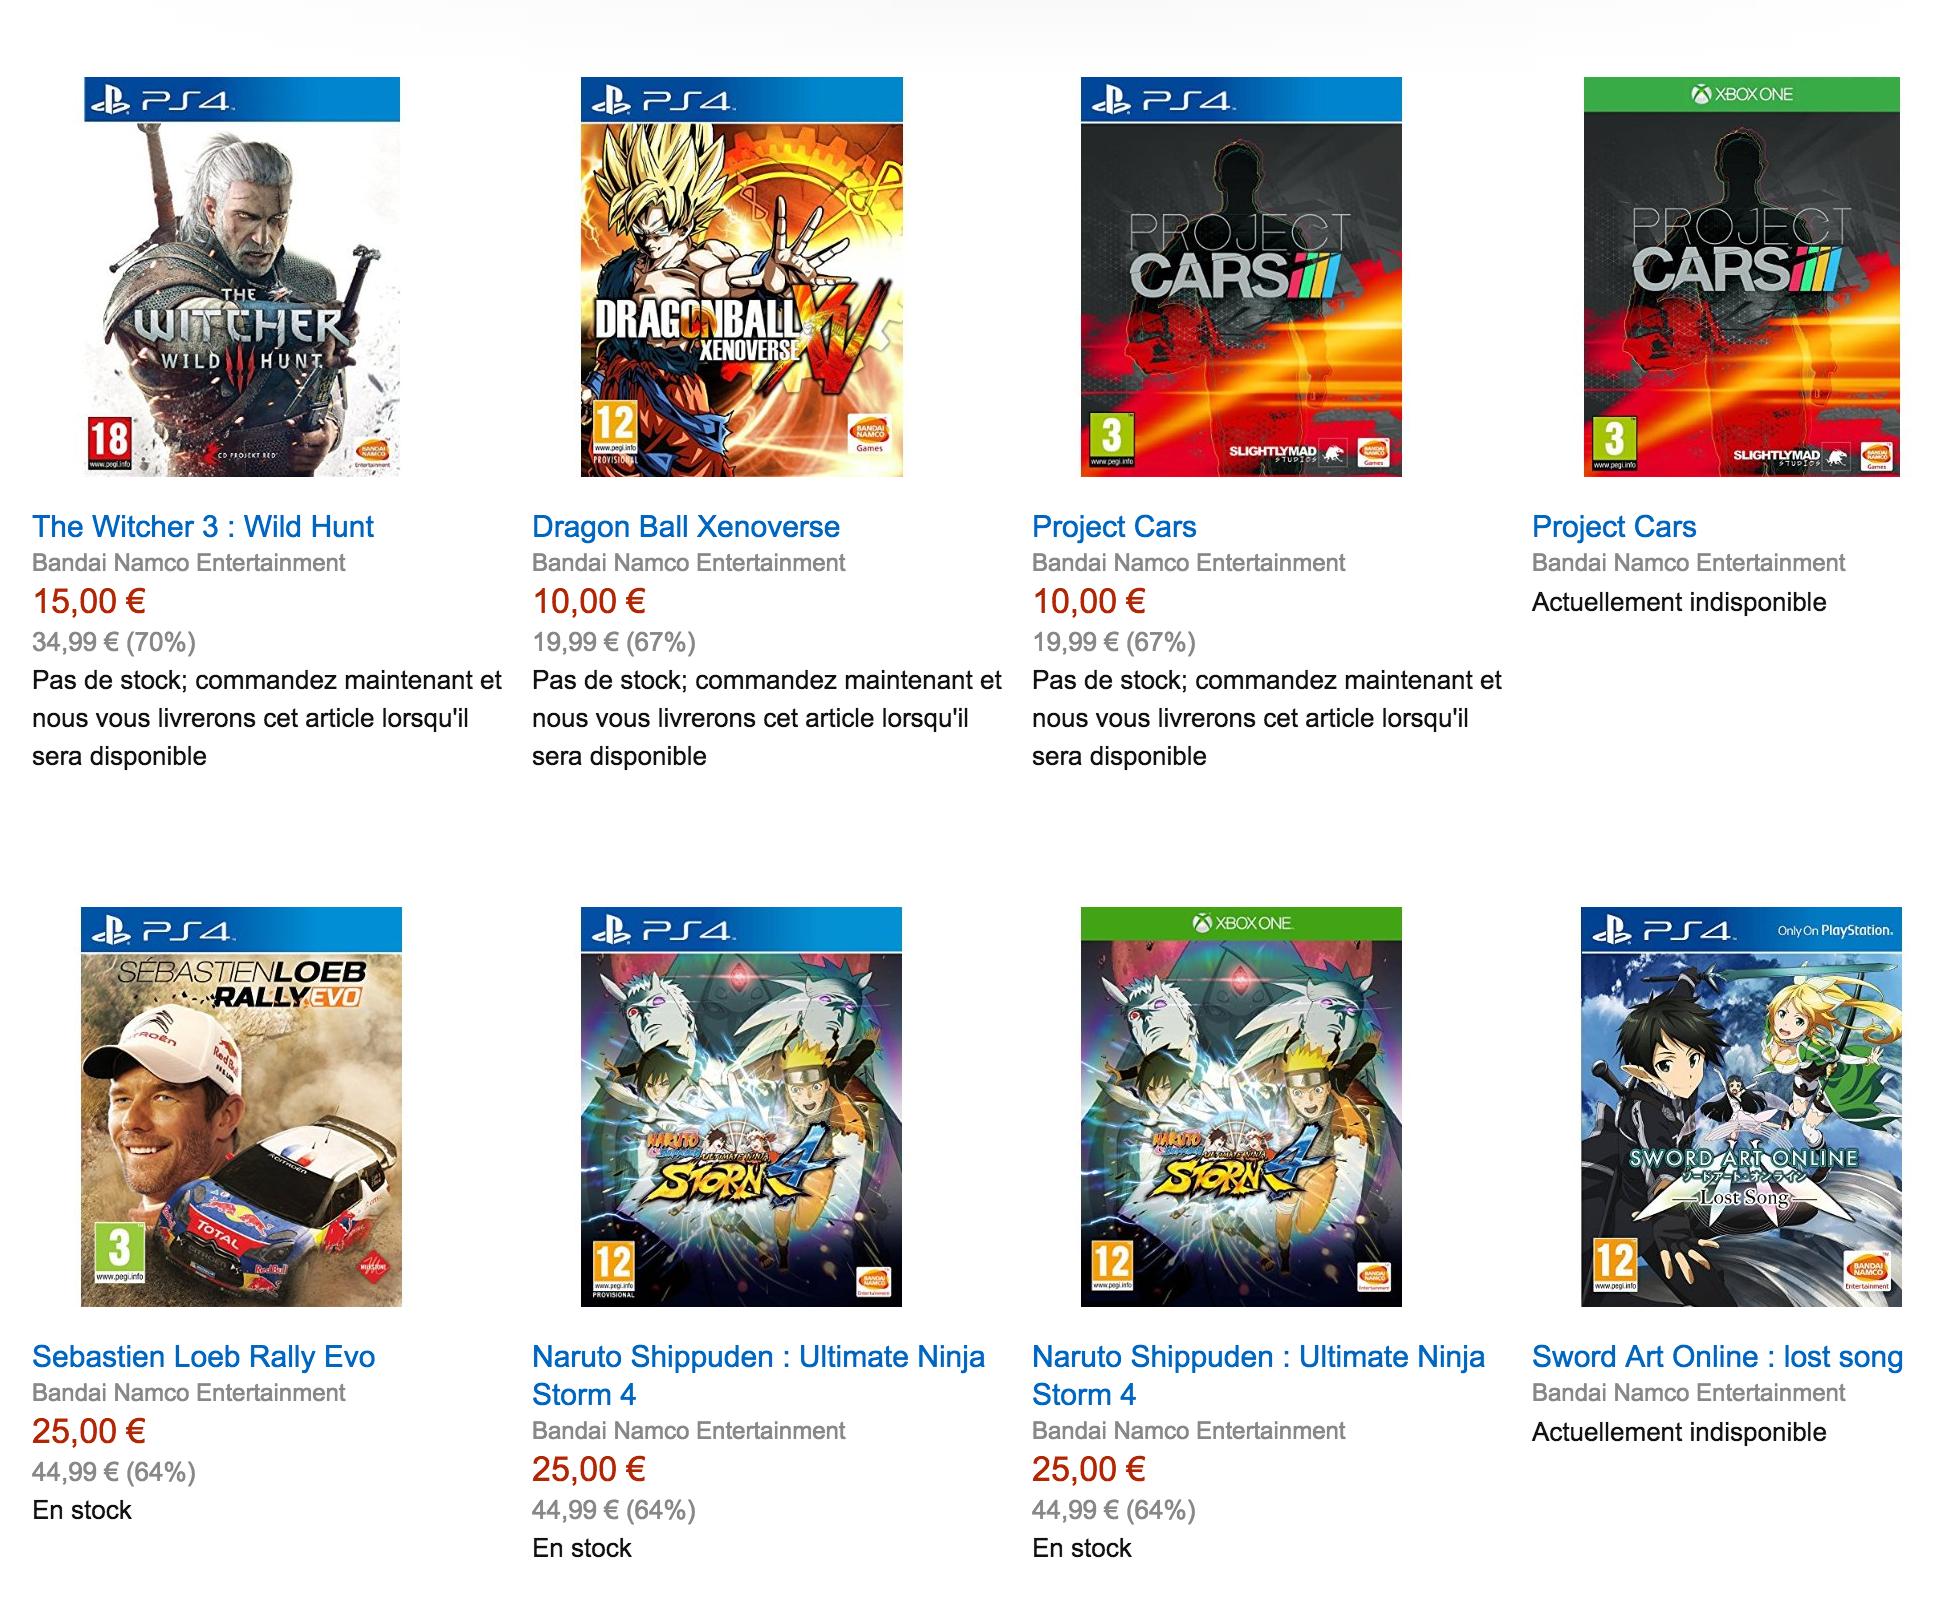 [Amazon.fr] Namco Sale - Witcher 3 (PS4/XB1) für 18,85€, Project Cars für 13,85€, Naruto für 28,85€